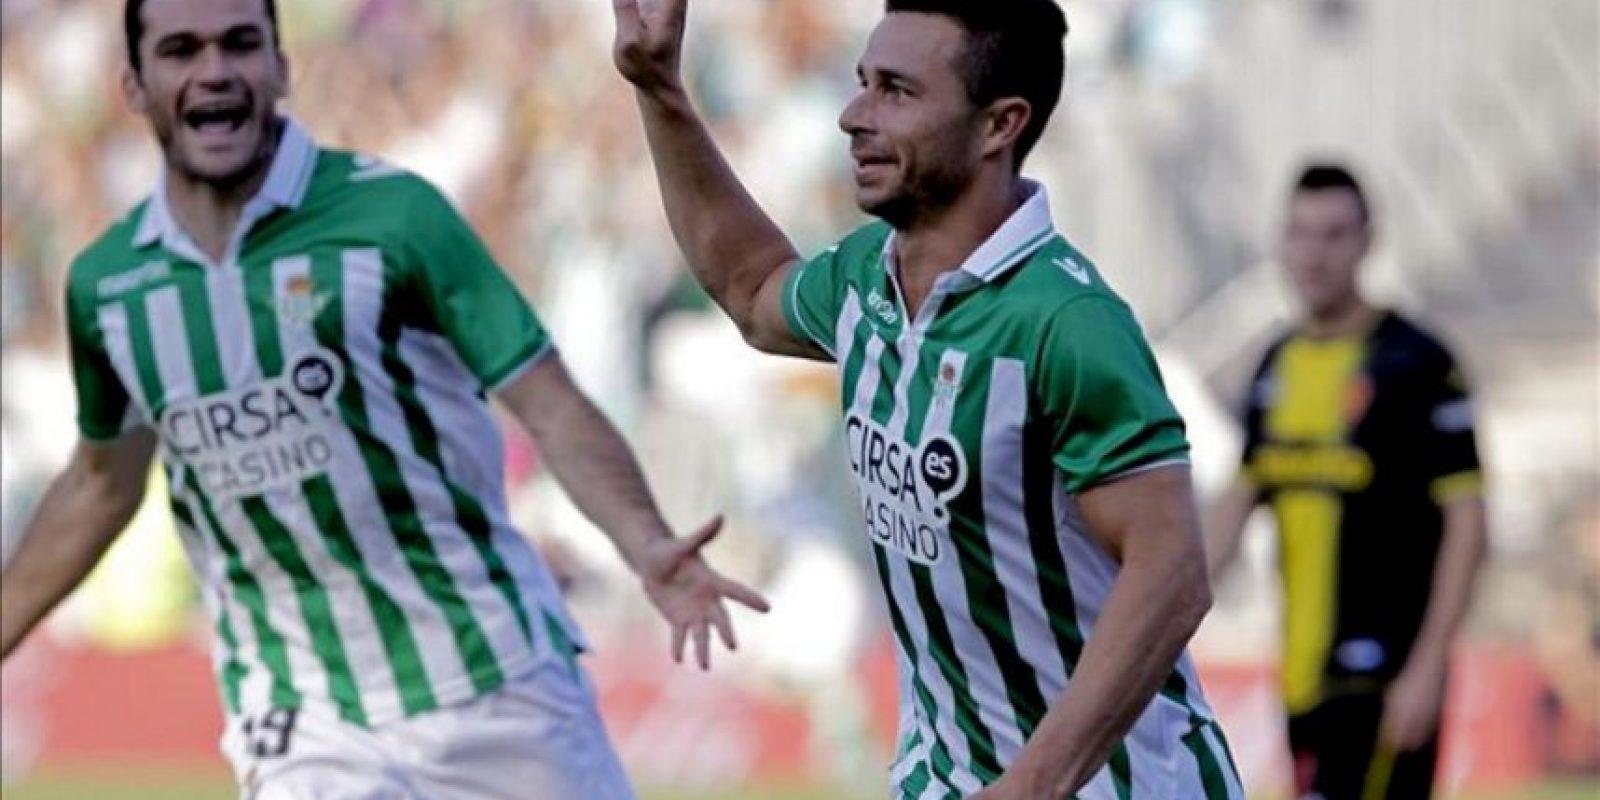 El delantero del Real Betis, Rubén Castro (c), celebra su gol junto a su compañero Jorge Molina, durante el partido de Liga, correspondiente a la jornada trigésimo séptima en Primera División entre Real Betis y Real Zaragoza. EFE/ Julio Muñoz